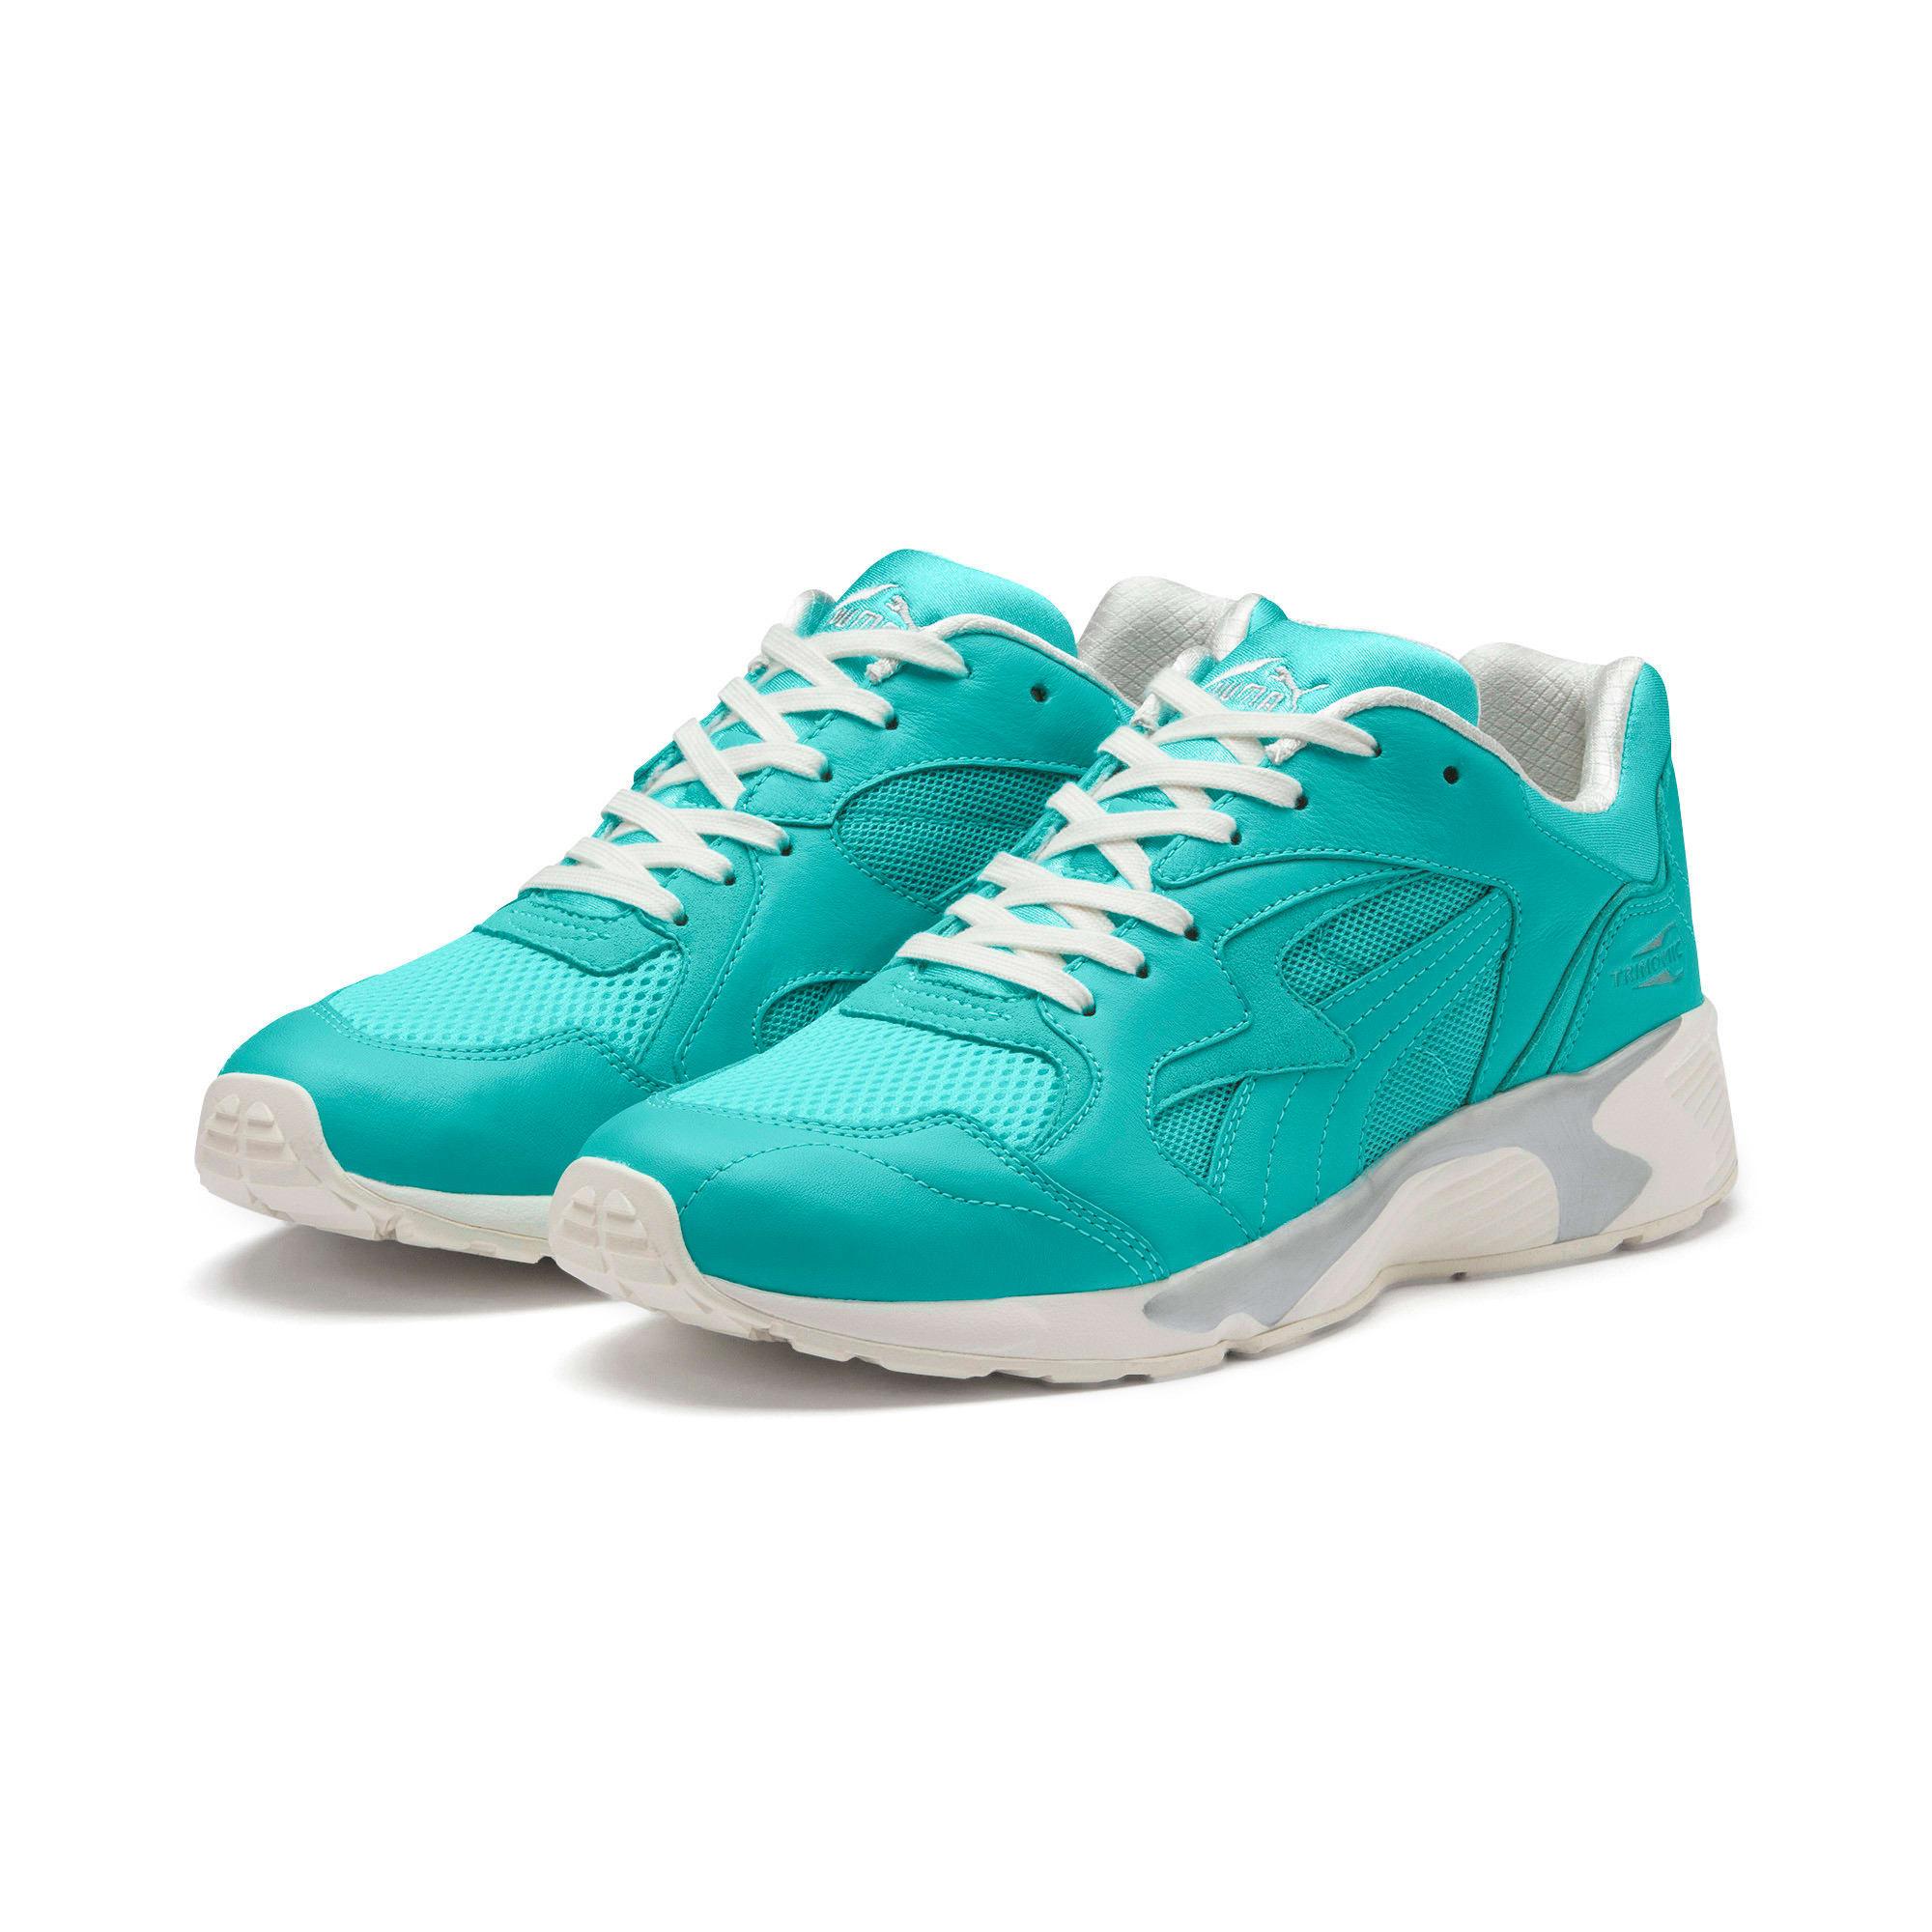 Miniatura 2 de Zapatos deportivosPrevail IR Reality, Blue Turquoise-Whisper White, mediano